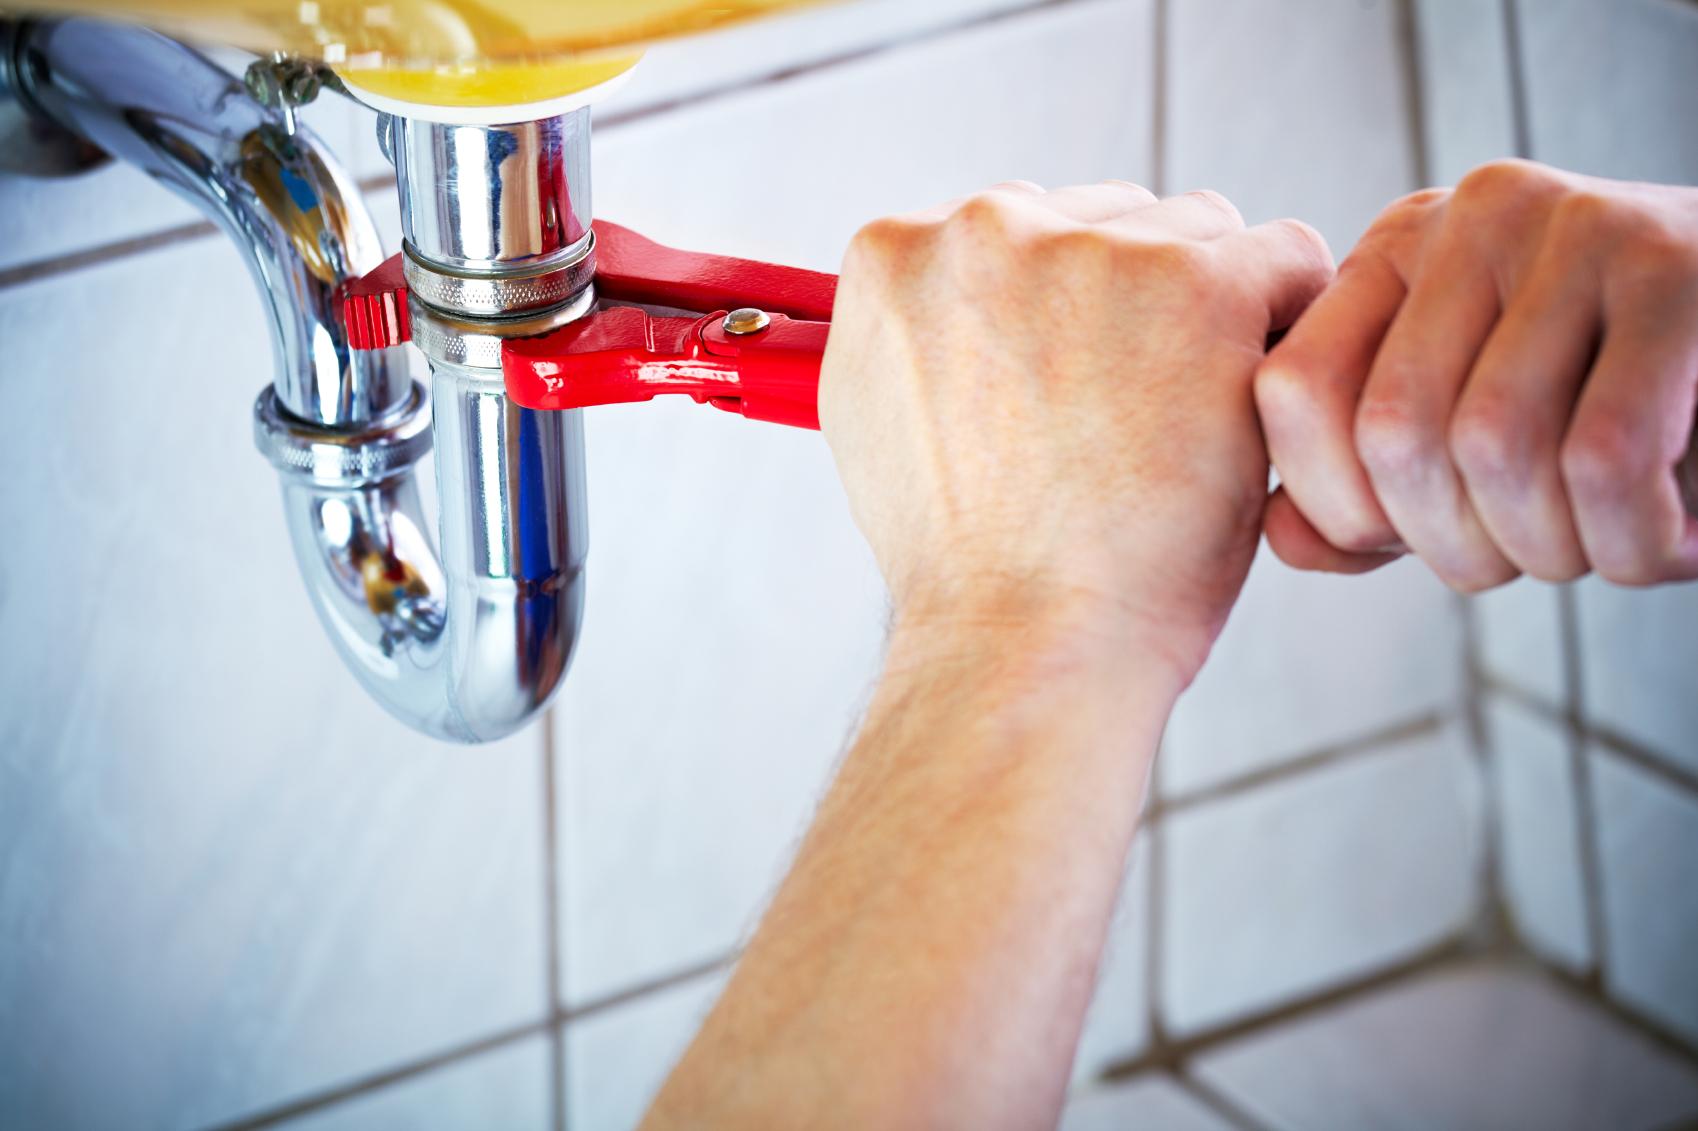 plumbing_pipe_repair.jpg